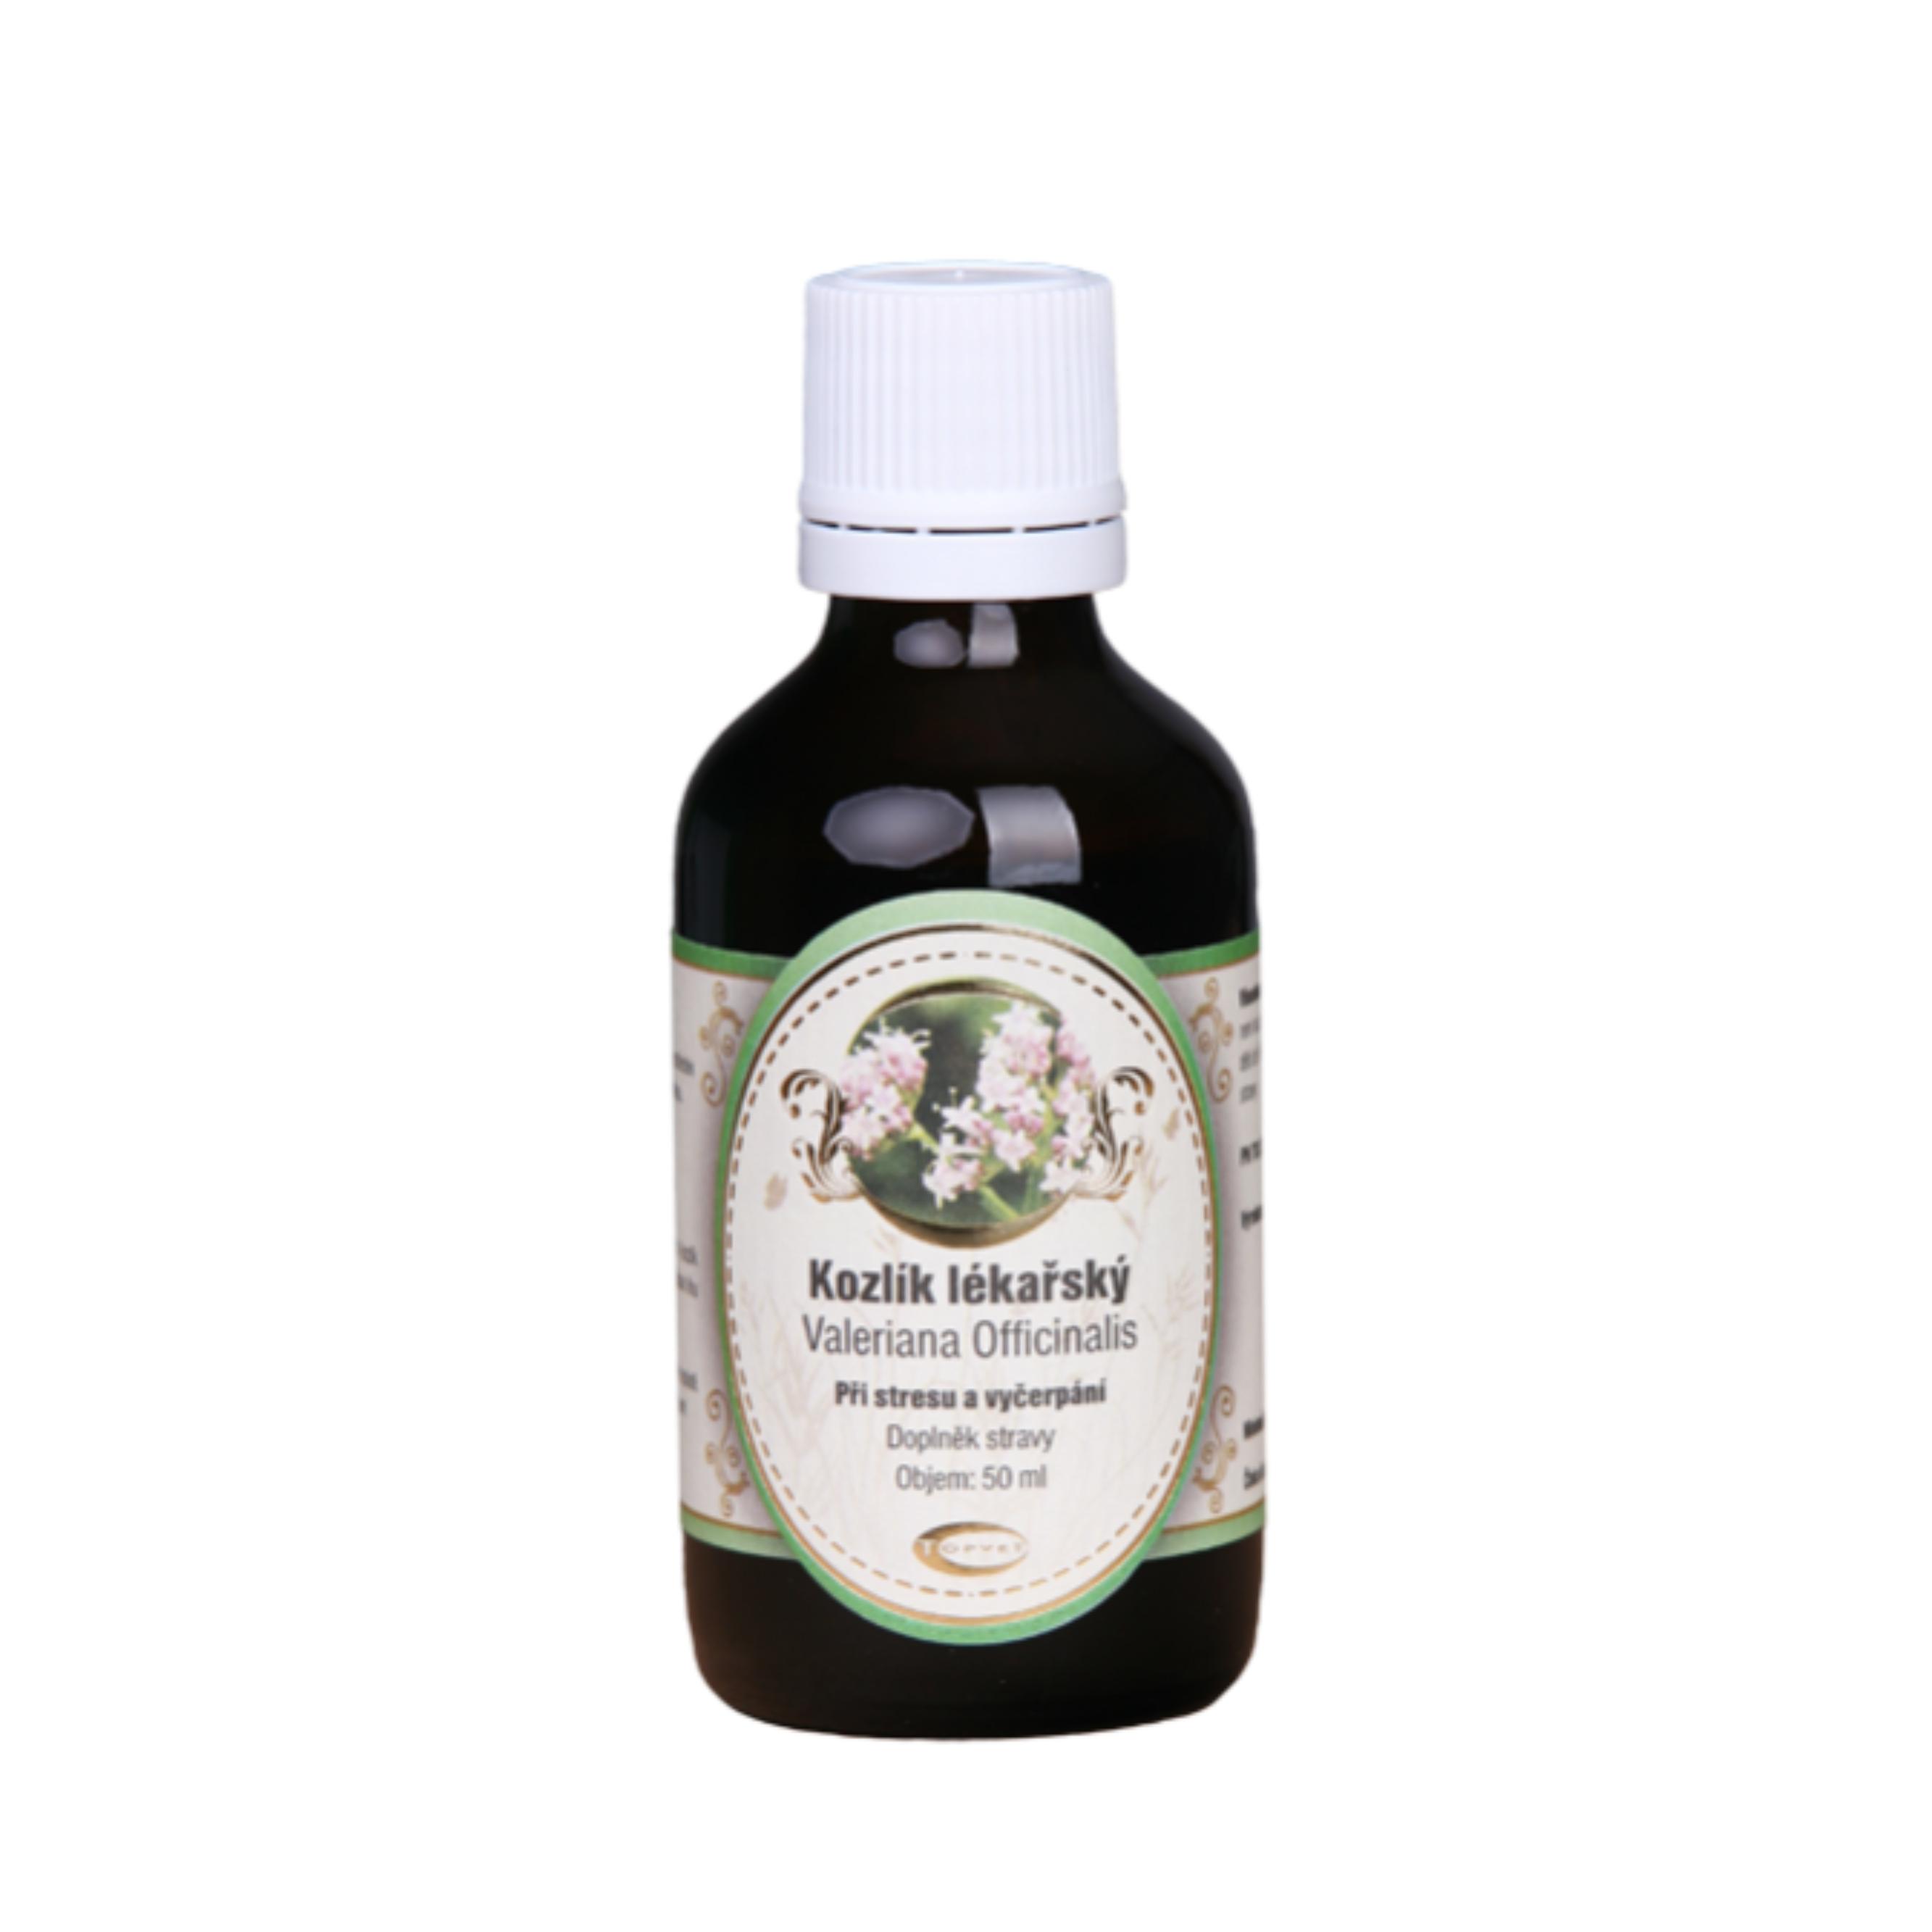 Baldriánské kvapky - valeriána lekárska tinktúra 50 ml